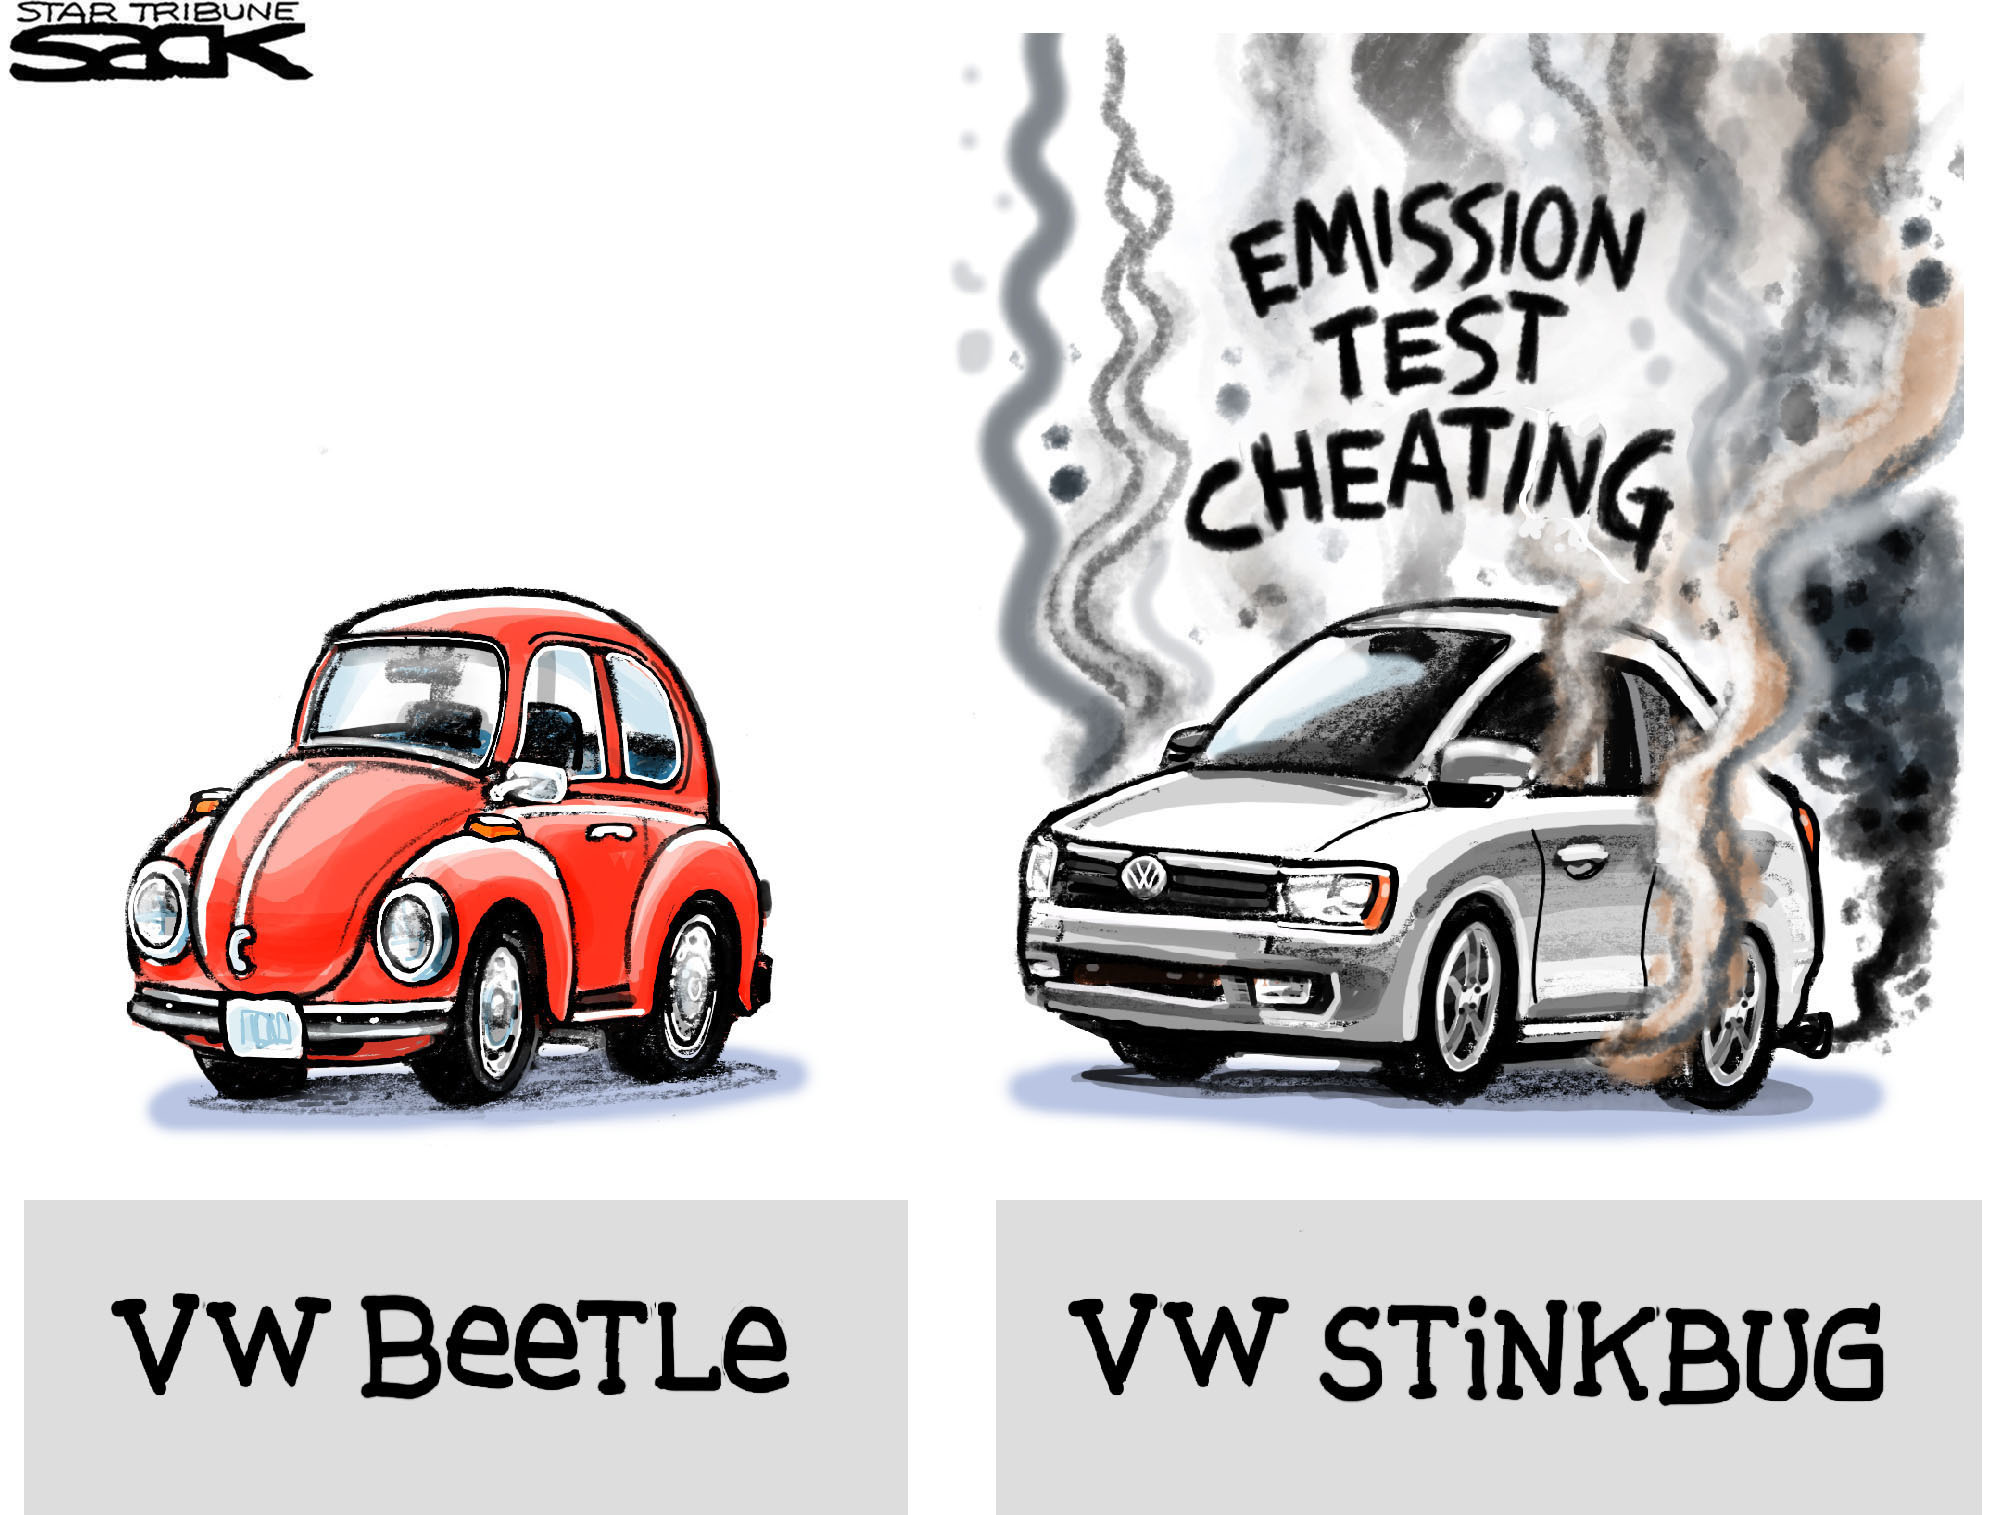 COW VW